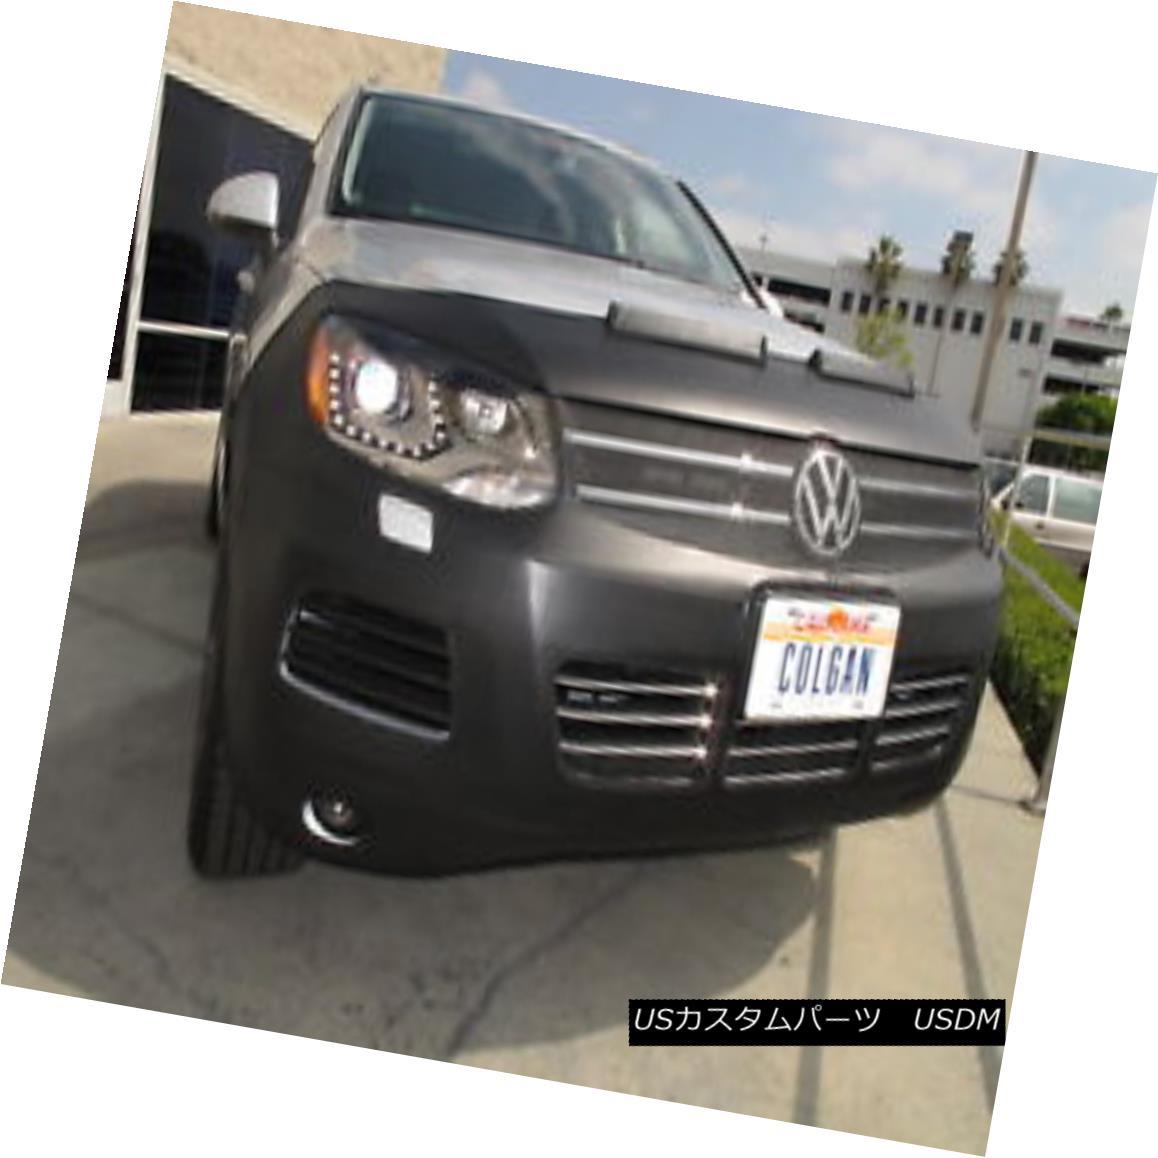 フルブラ ノーズブラ Colgan Front End Mask Bra 2pc. Fits VW Touareg 2011-2014 W/O License Plate 11-14 コルガンフロントエンドマスクブラ2pc VW Touareg 2011-2014 W / Oライセンスプレート11-14に適合